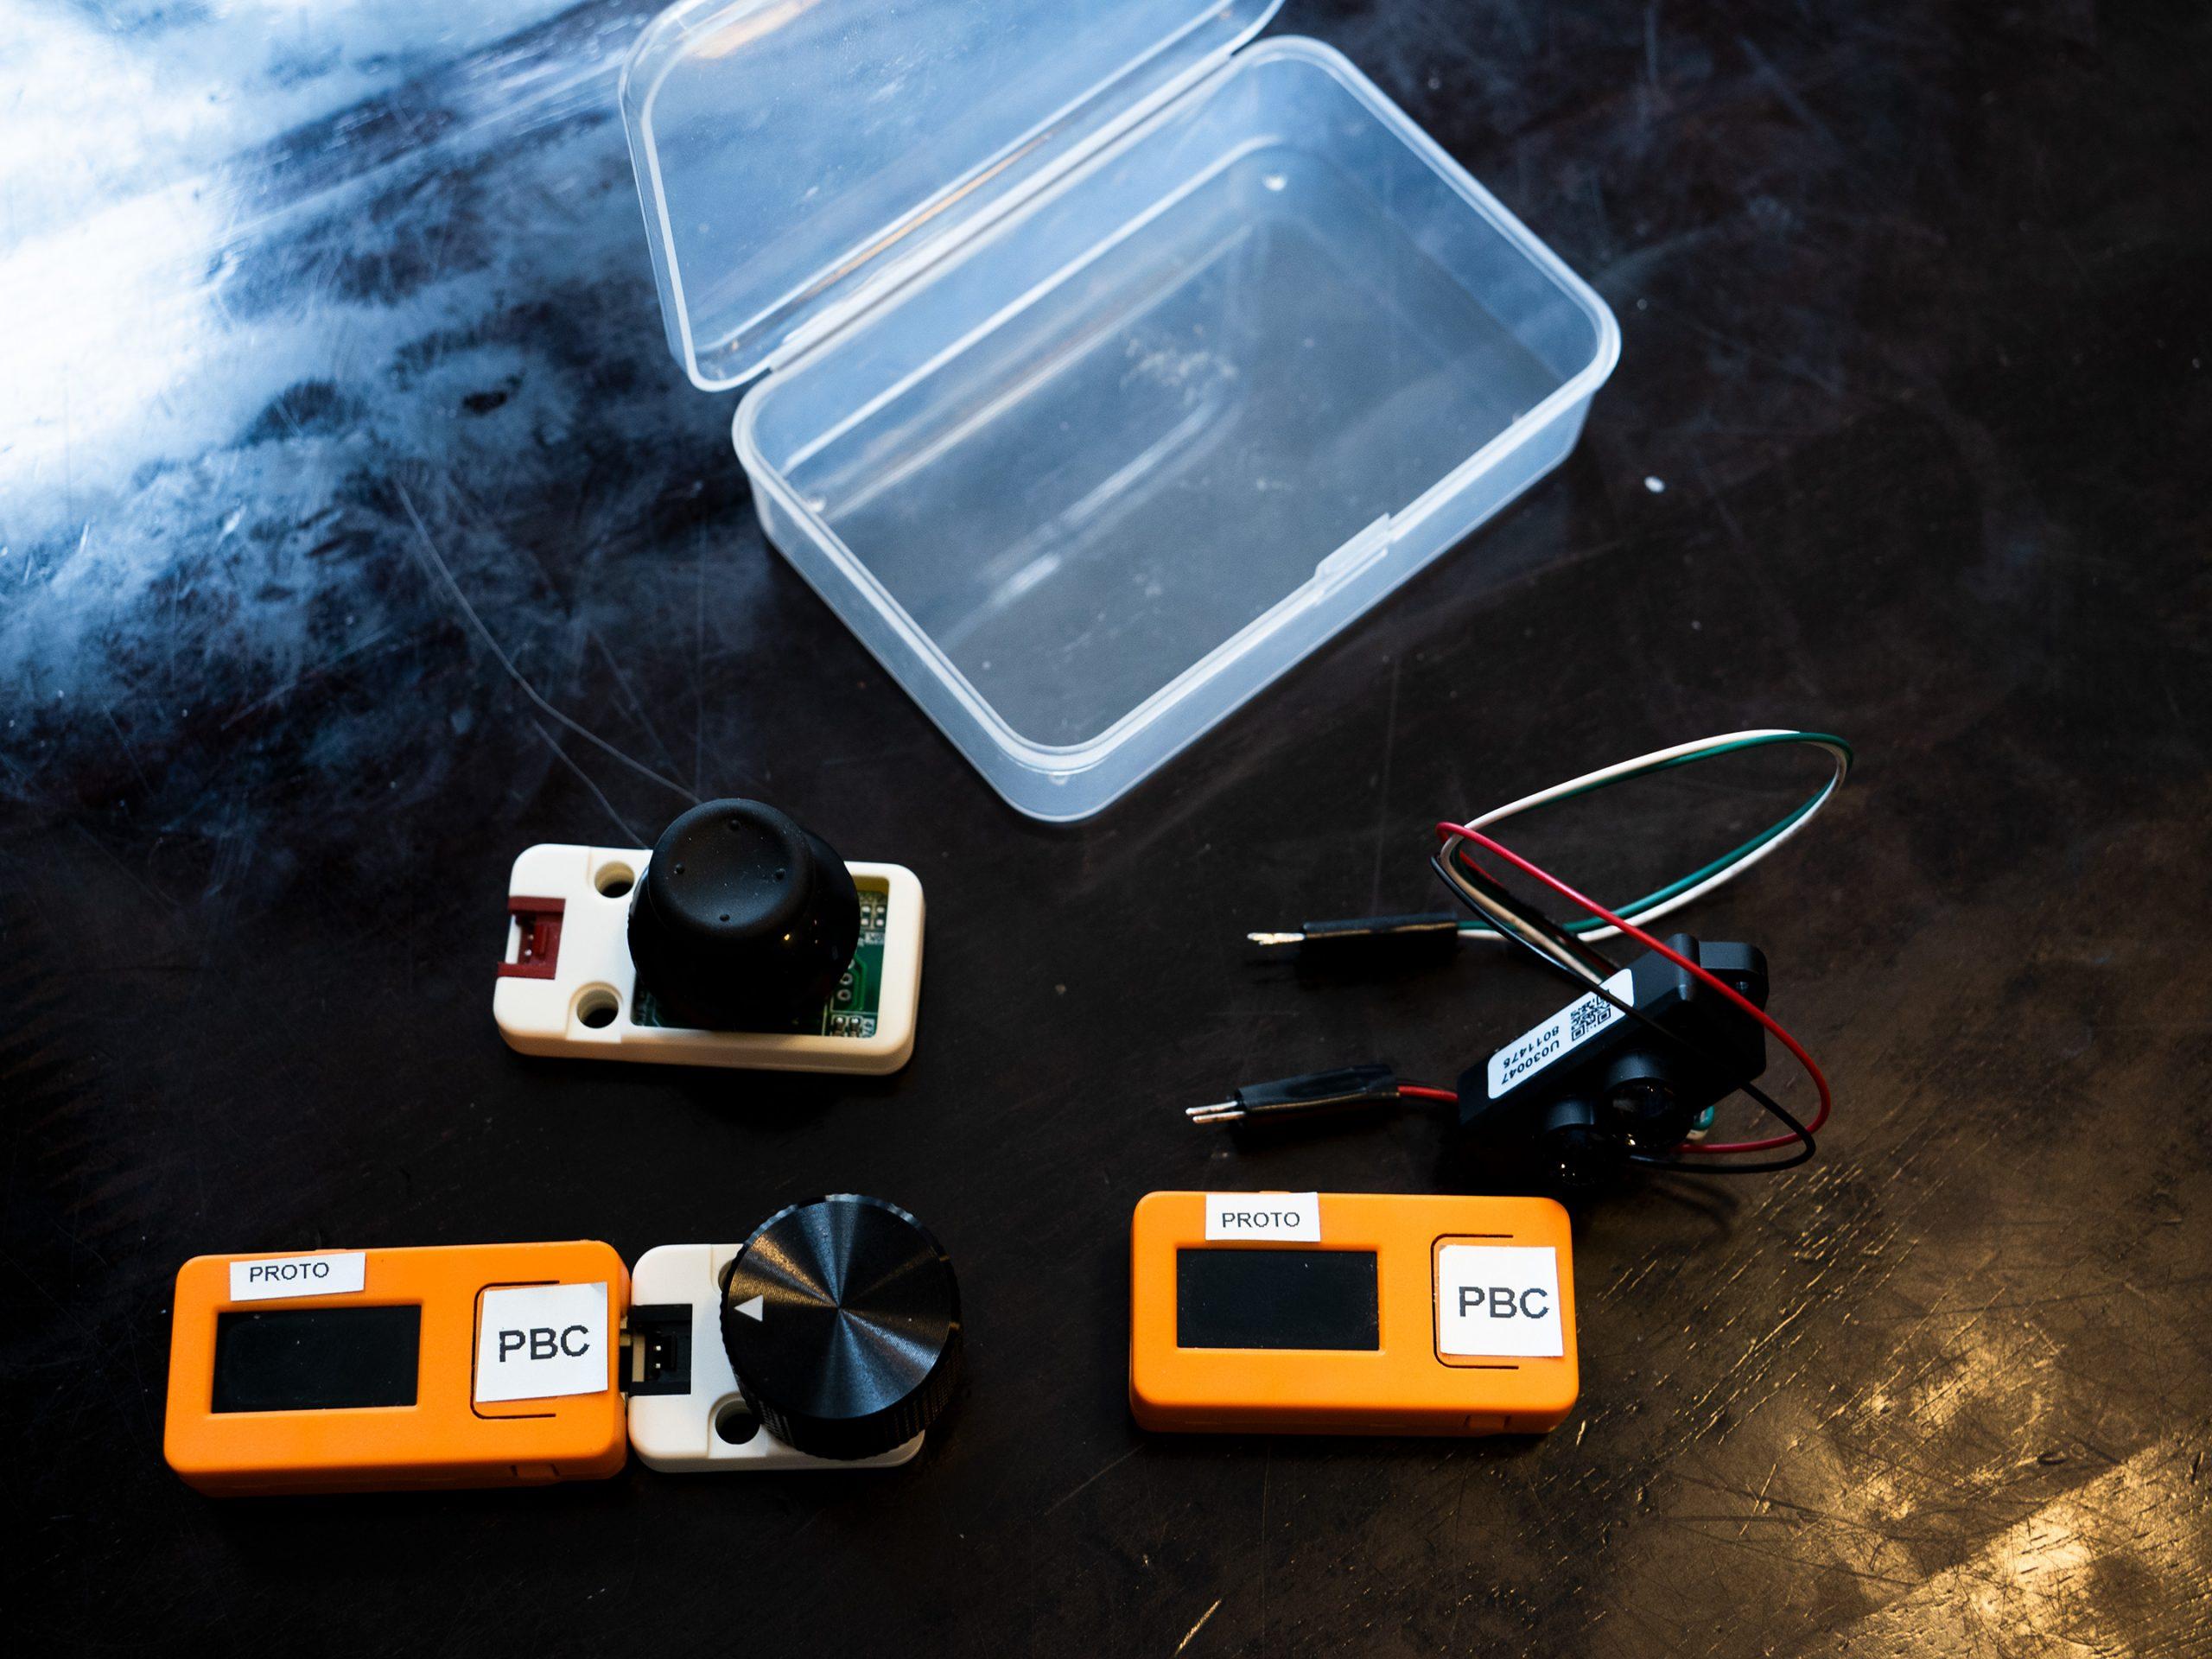 CDA-TEK PBC prototypes